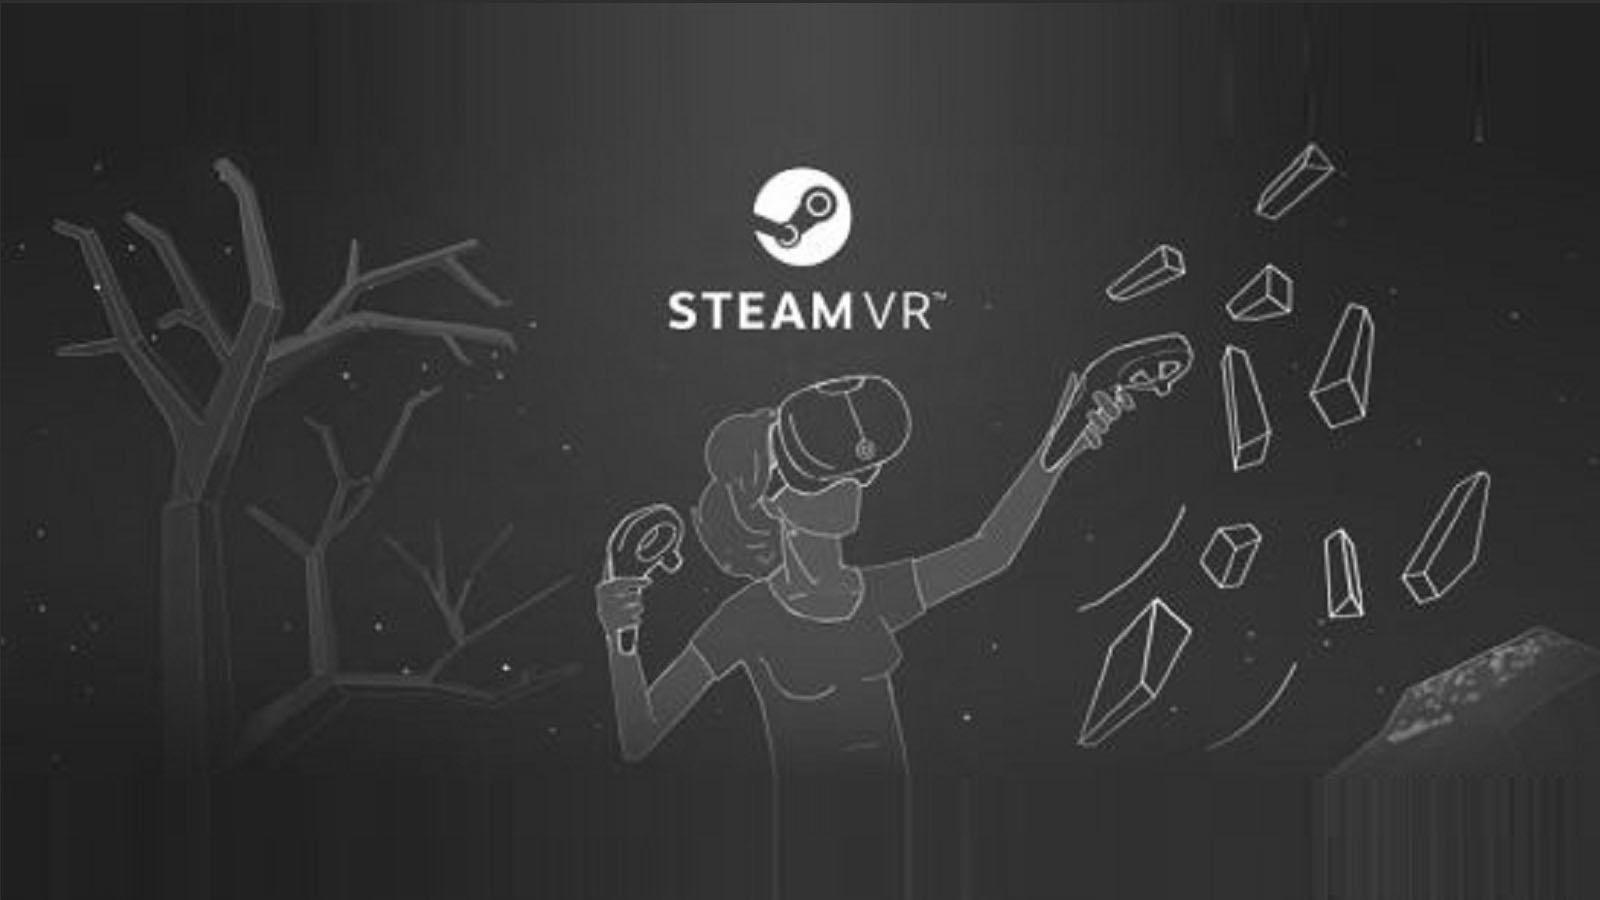 【傳聞】Valve裁去其VR開發團隊的半數員工